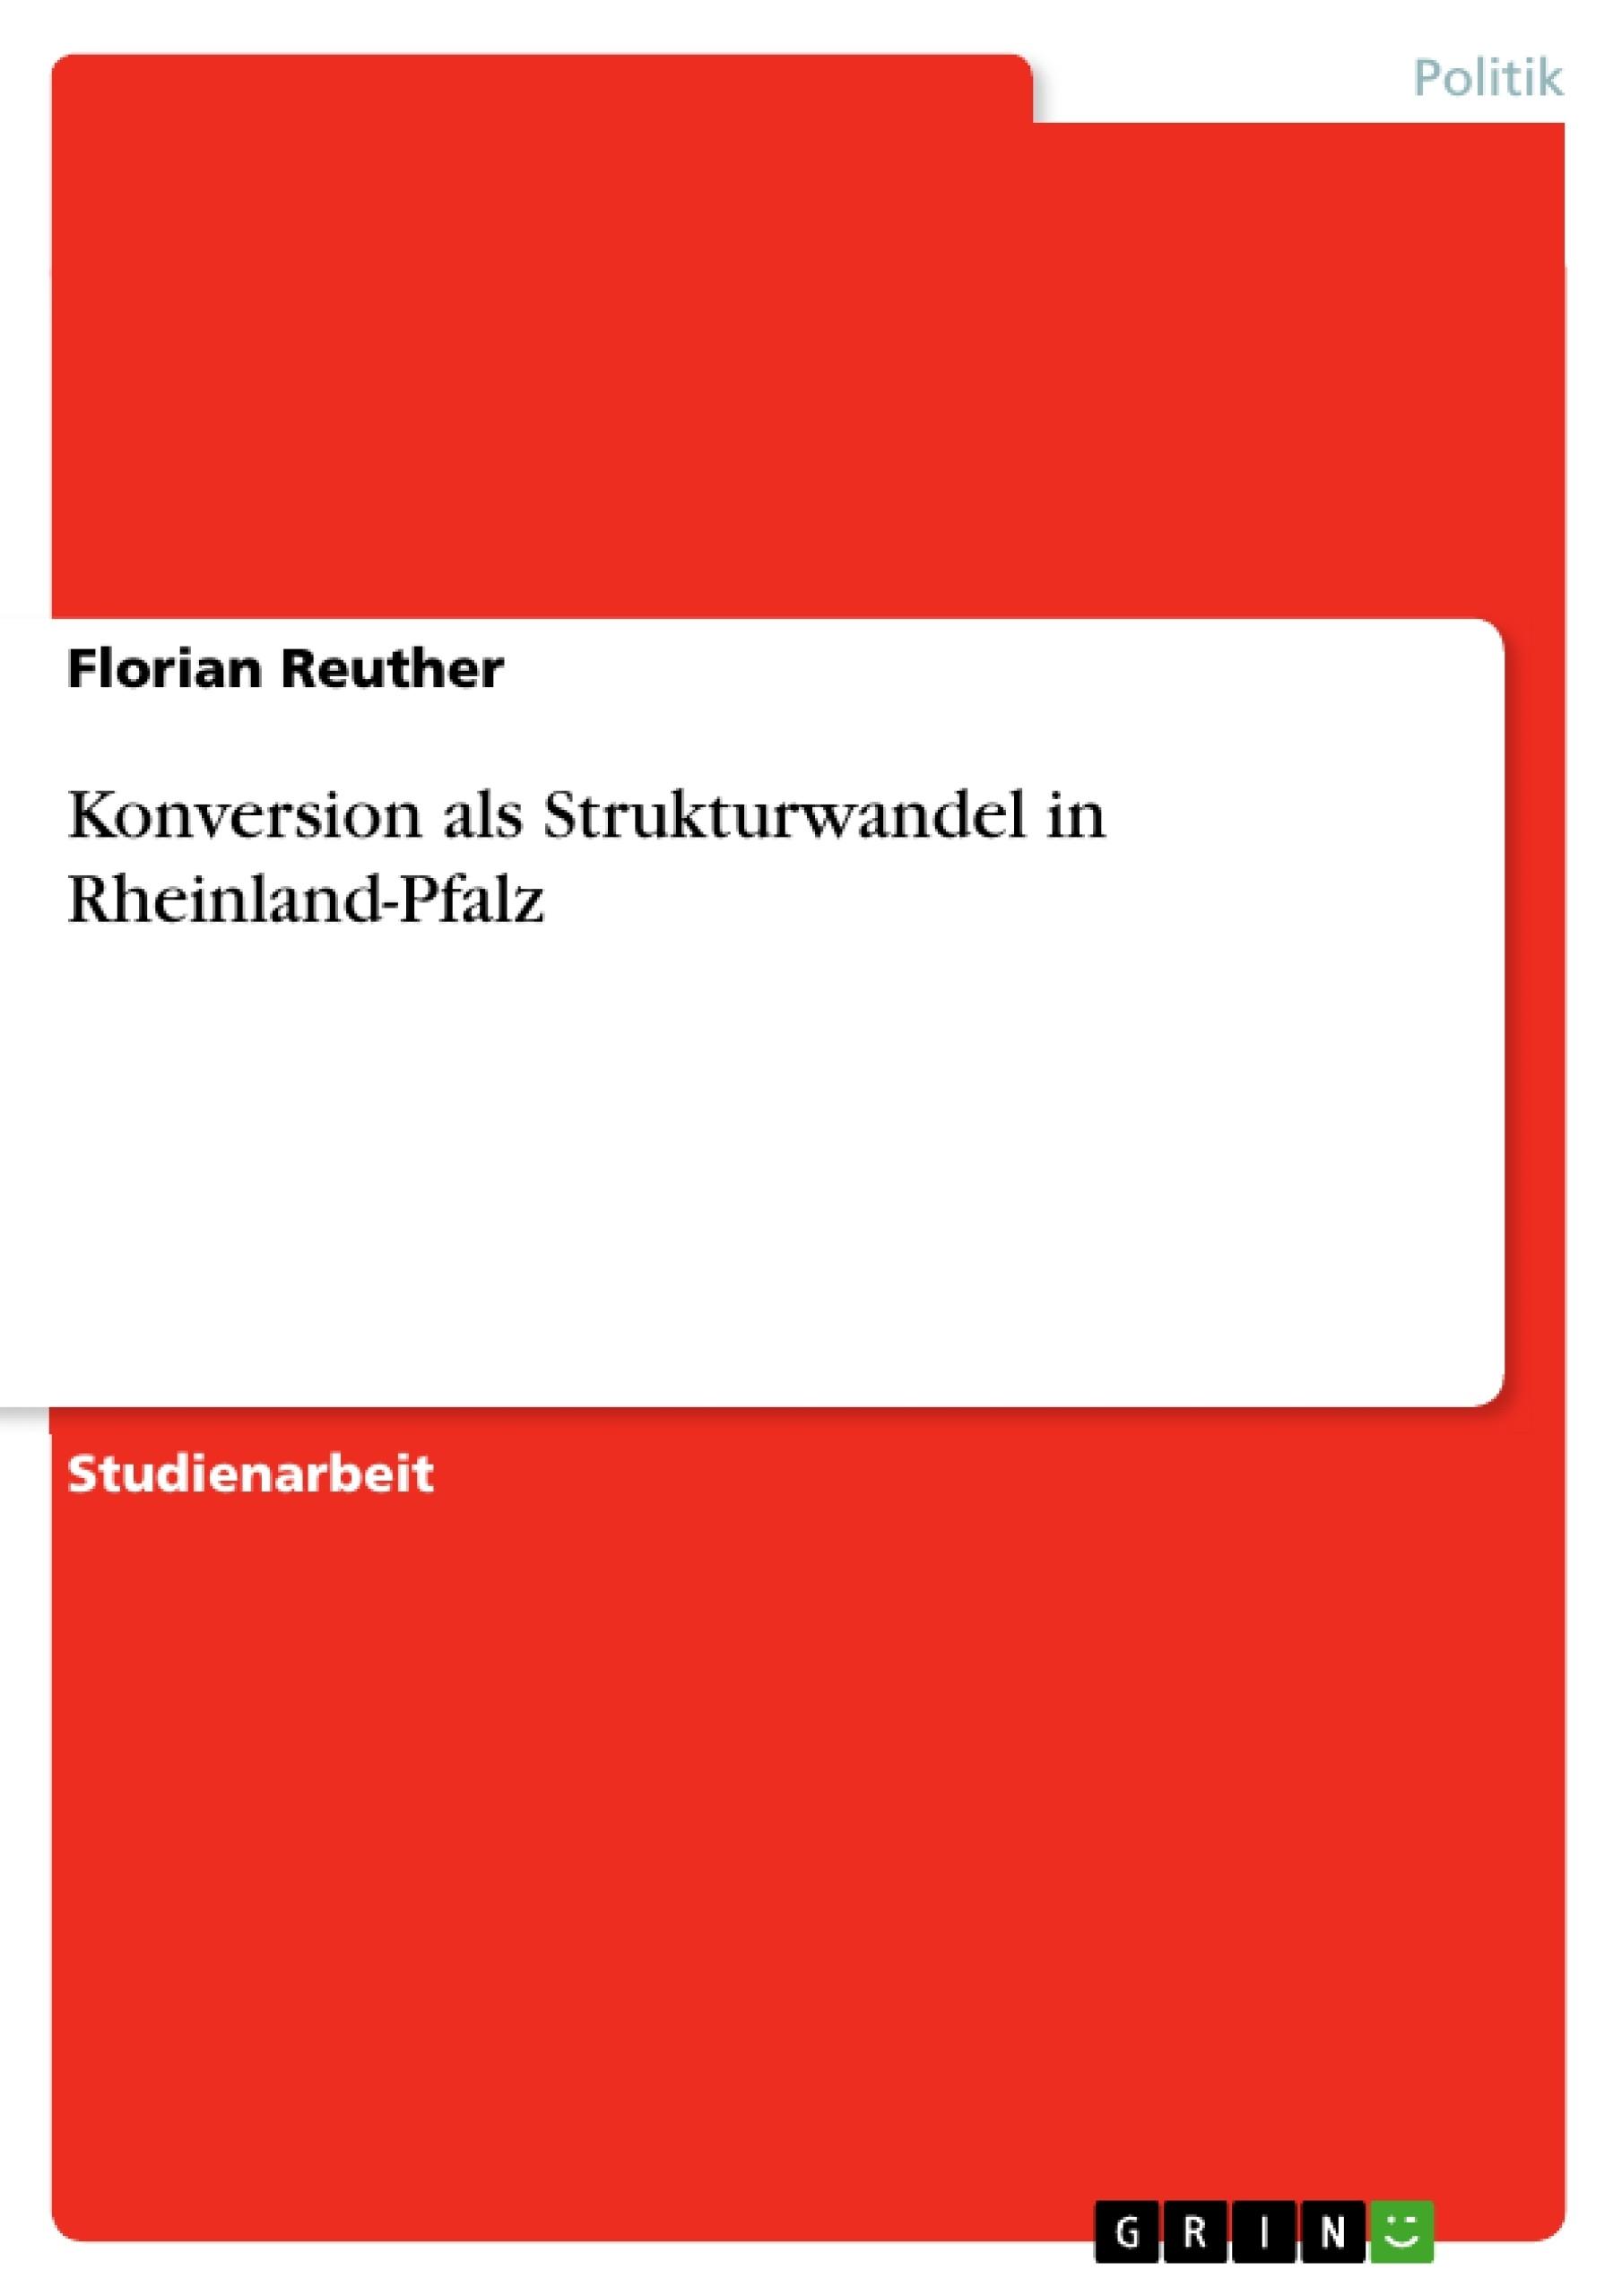 Titel: Konversion als Strukturwandel in Rheinland-Pfalz